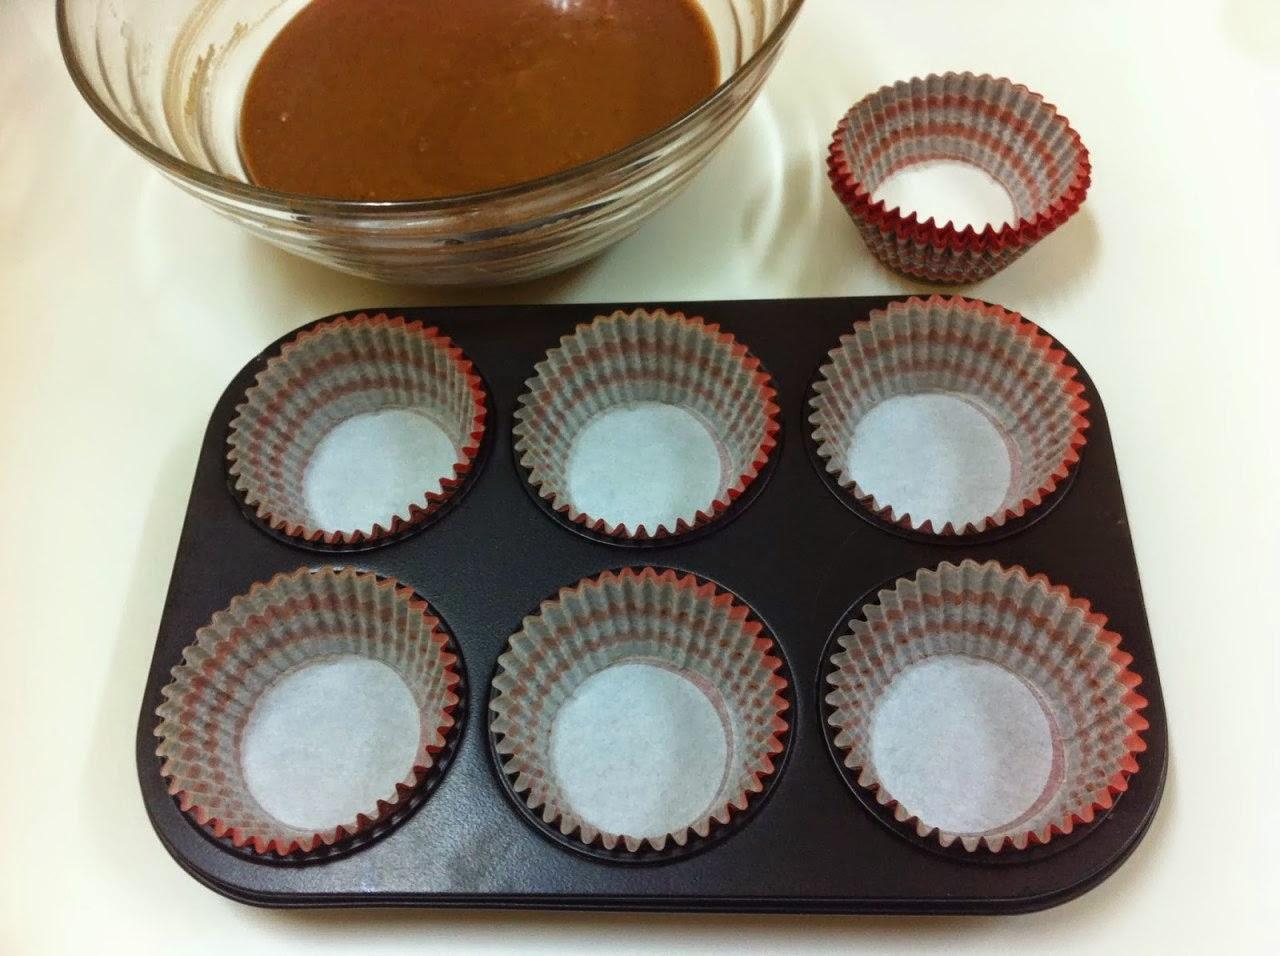 طريقة عمل كب كيك الشوكولاتة بالبسكويت بالخطوات والصور